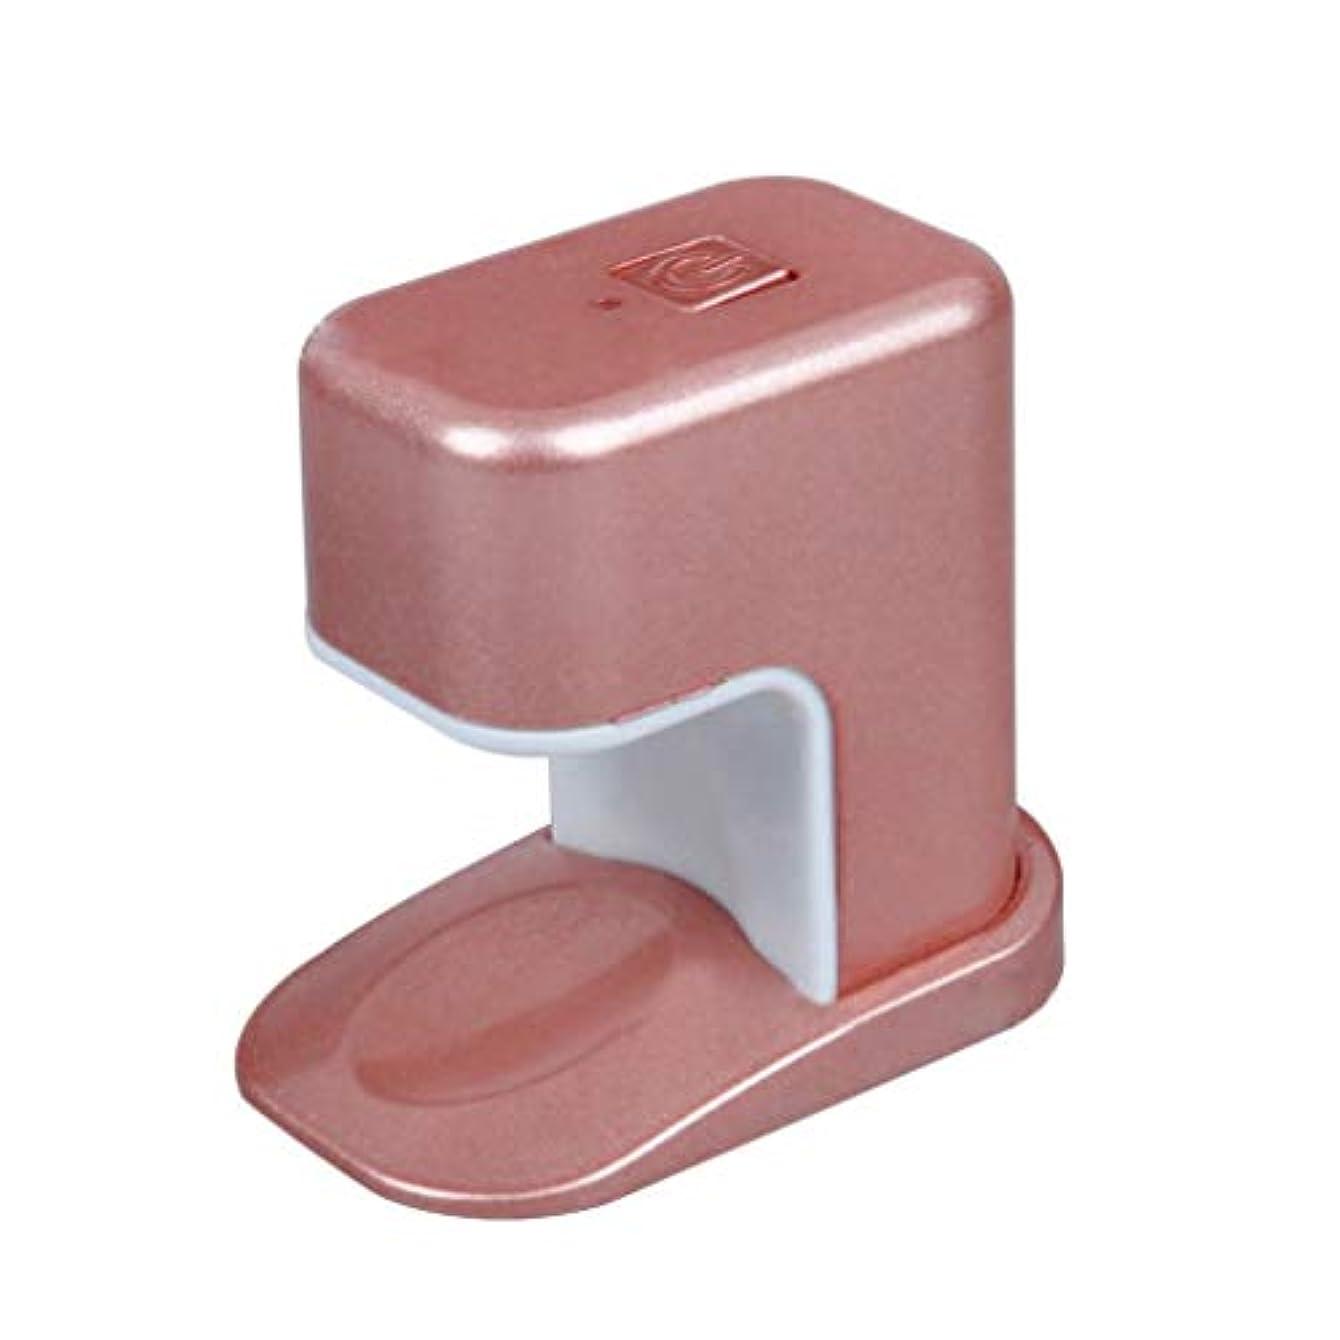 キルス努力生活Paick ネイルドライヤー 3W LED電球 USBケーブル UV マニキュアドライヤー ニポータブル単一指ネイルアートのLED 3色選べ - ピンク